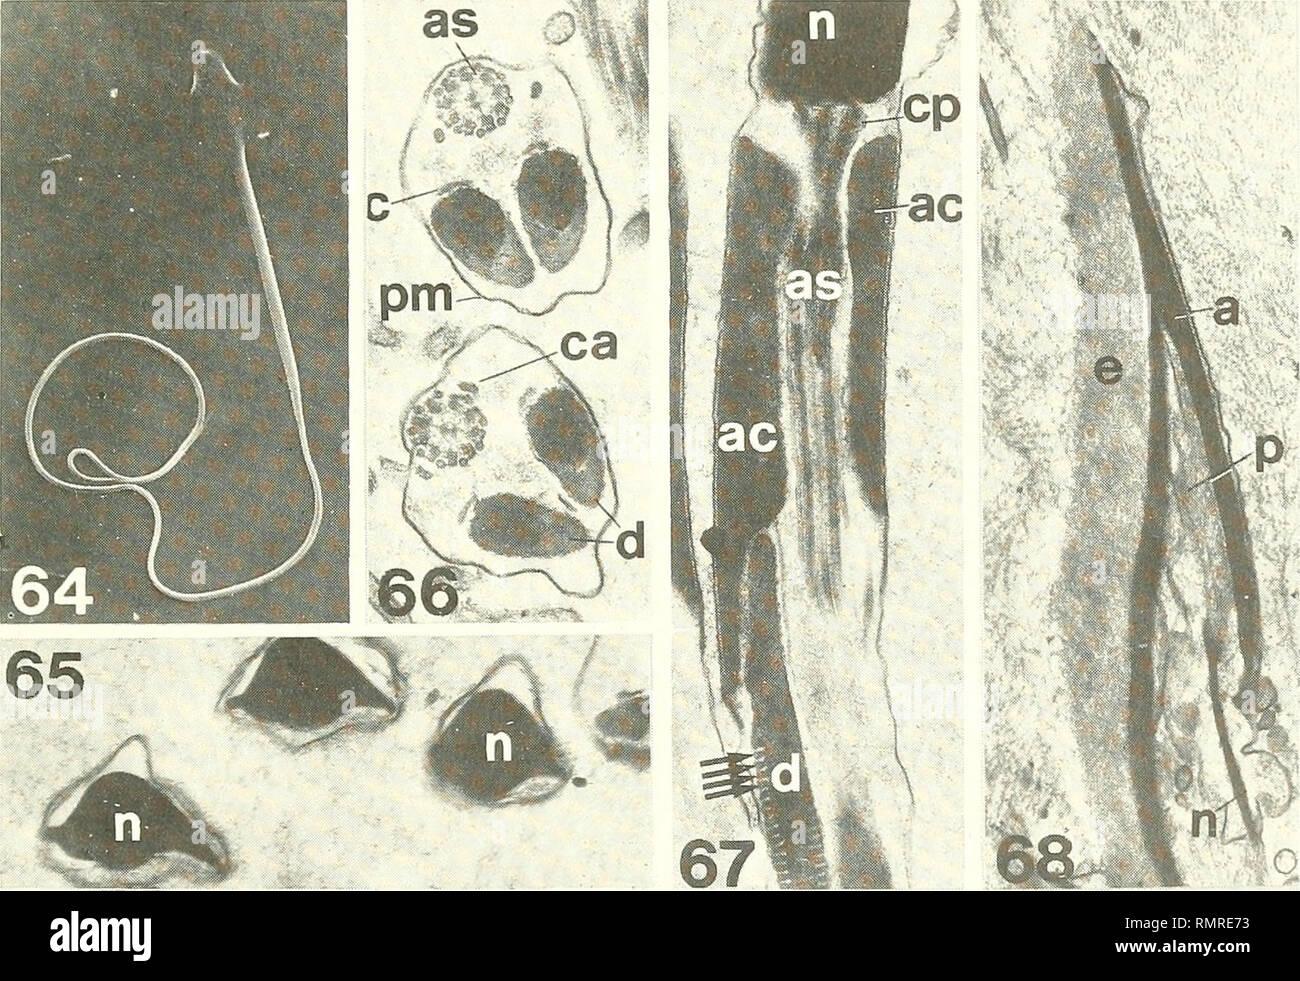 . Annali del Museo civico di storia naturale Giacomo Doria. Historia natural. ISOLI INSETTI ORTOTTKKOIDICI-; ( 1 UI'l MSAKI ).•; 445 Uromenus brevicollis insularis Chop. Uromenus confusus insularis Chopard, Ann. Soc. Ent. Fr. 92, pág. 266, 279) brevicollis Uromenus (Bolivarius insularis, Harz, 1969, Orth. Unín, I, pág. 573. Budelli, 10-7-1990, 1 3. Maddalena, Spalmatone, 18-6-1989, 1 3 ninfa. Tavolara, Strada, 29-7-1986, 1 e?, 1 ? Es. Serpentara, 7-7-1990, 1 ? Es. S. Antioco, Su Pruini, 11-5-1988, 1; neanide Spiaggia Coaquaddus, 12-5-1988, 1; neanide Canai, 12-5-1988, 1; Cala neanide Lun Foto de stock